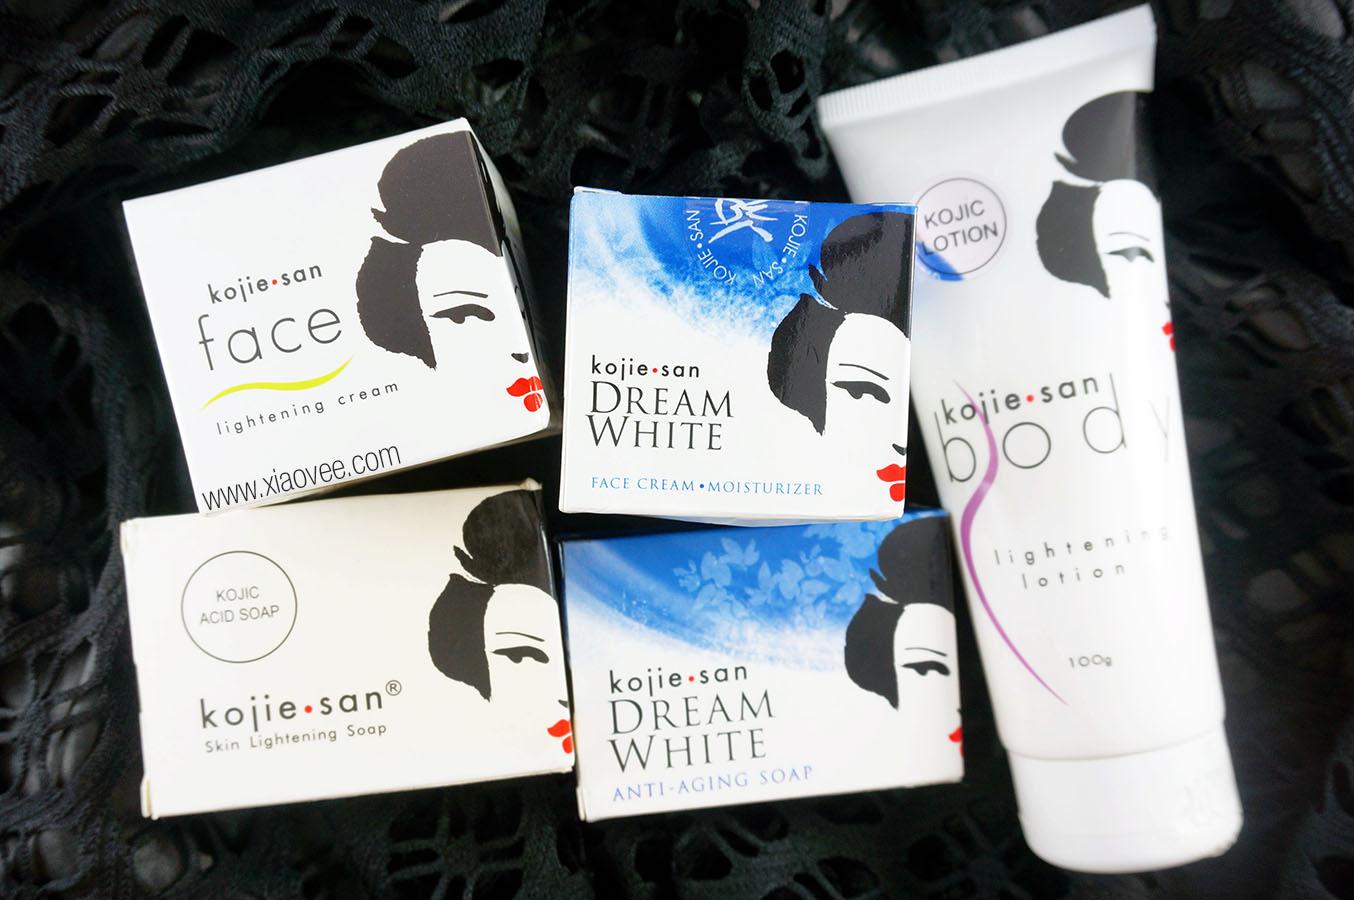 Kojiesan Skin Lightening Review, Kojiesan Dream White Review, Produk Kojiesan, Produk Pemutih wajah yang aman, produk pemutih badan aman